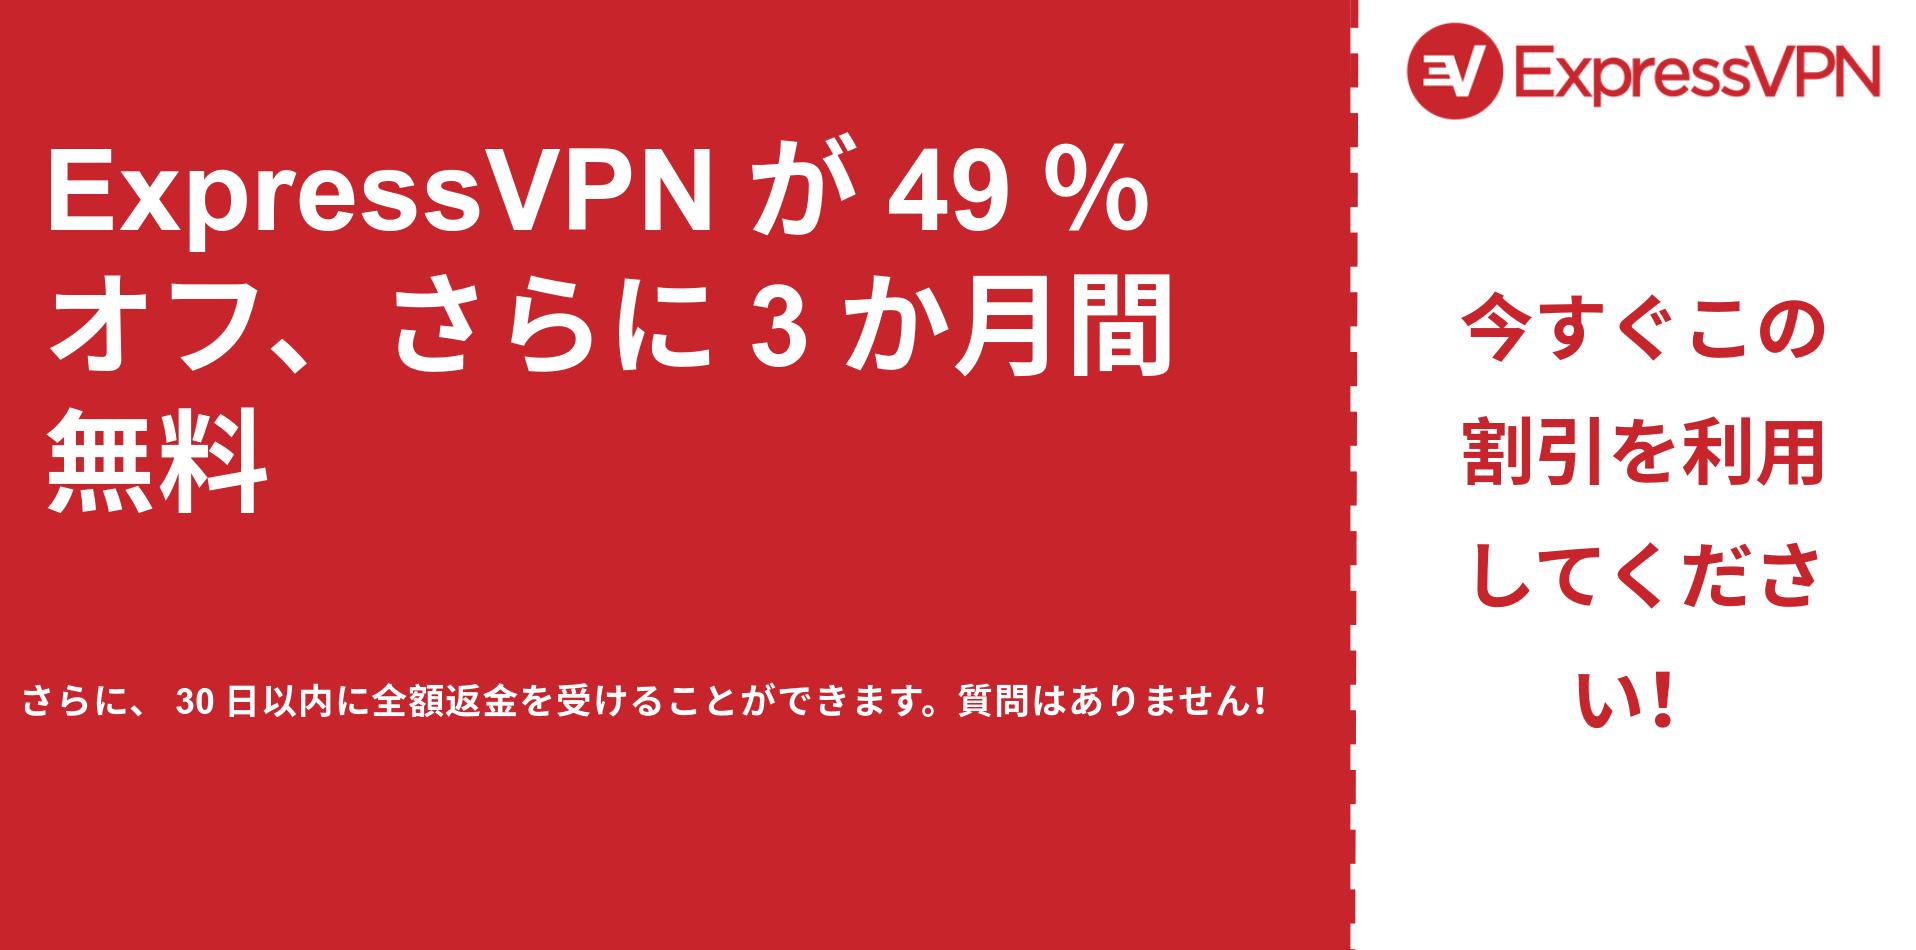 49%オフを示すExpressVPNメインクーポンバナーのグラフィック